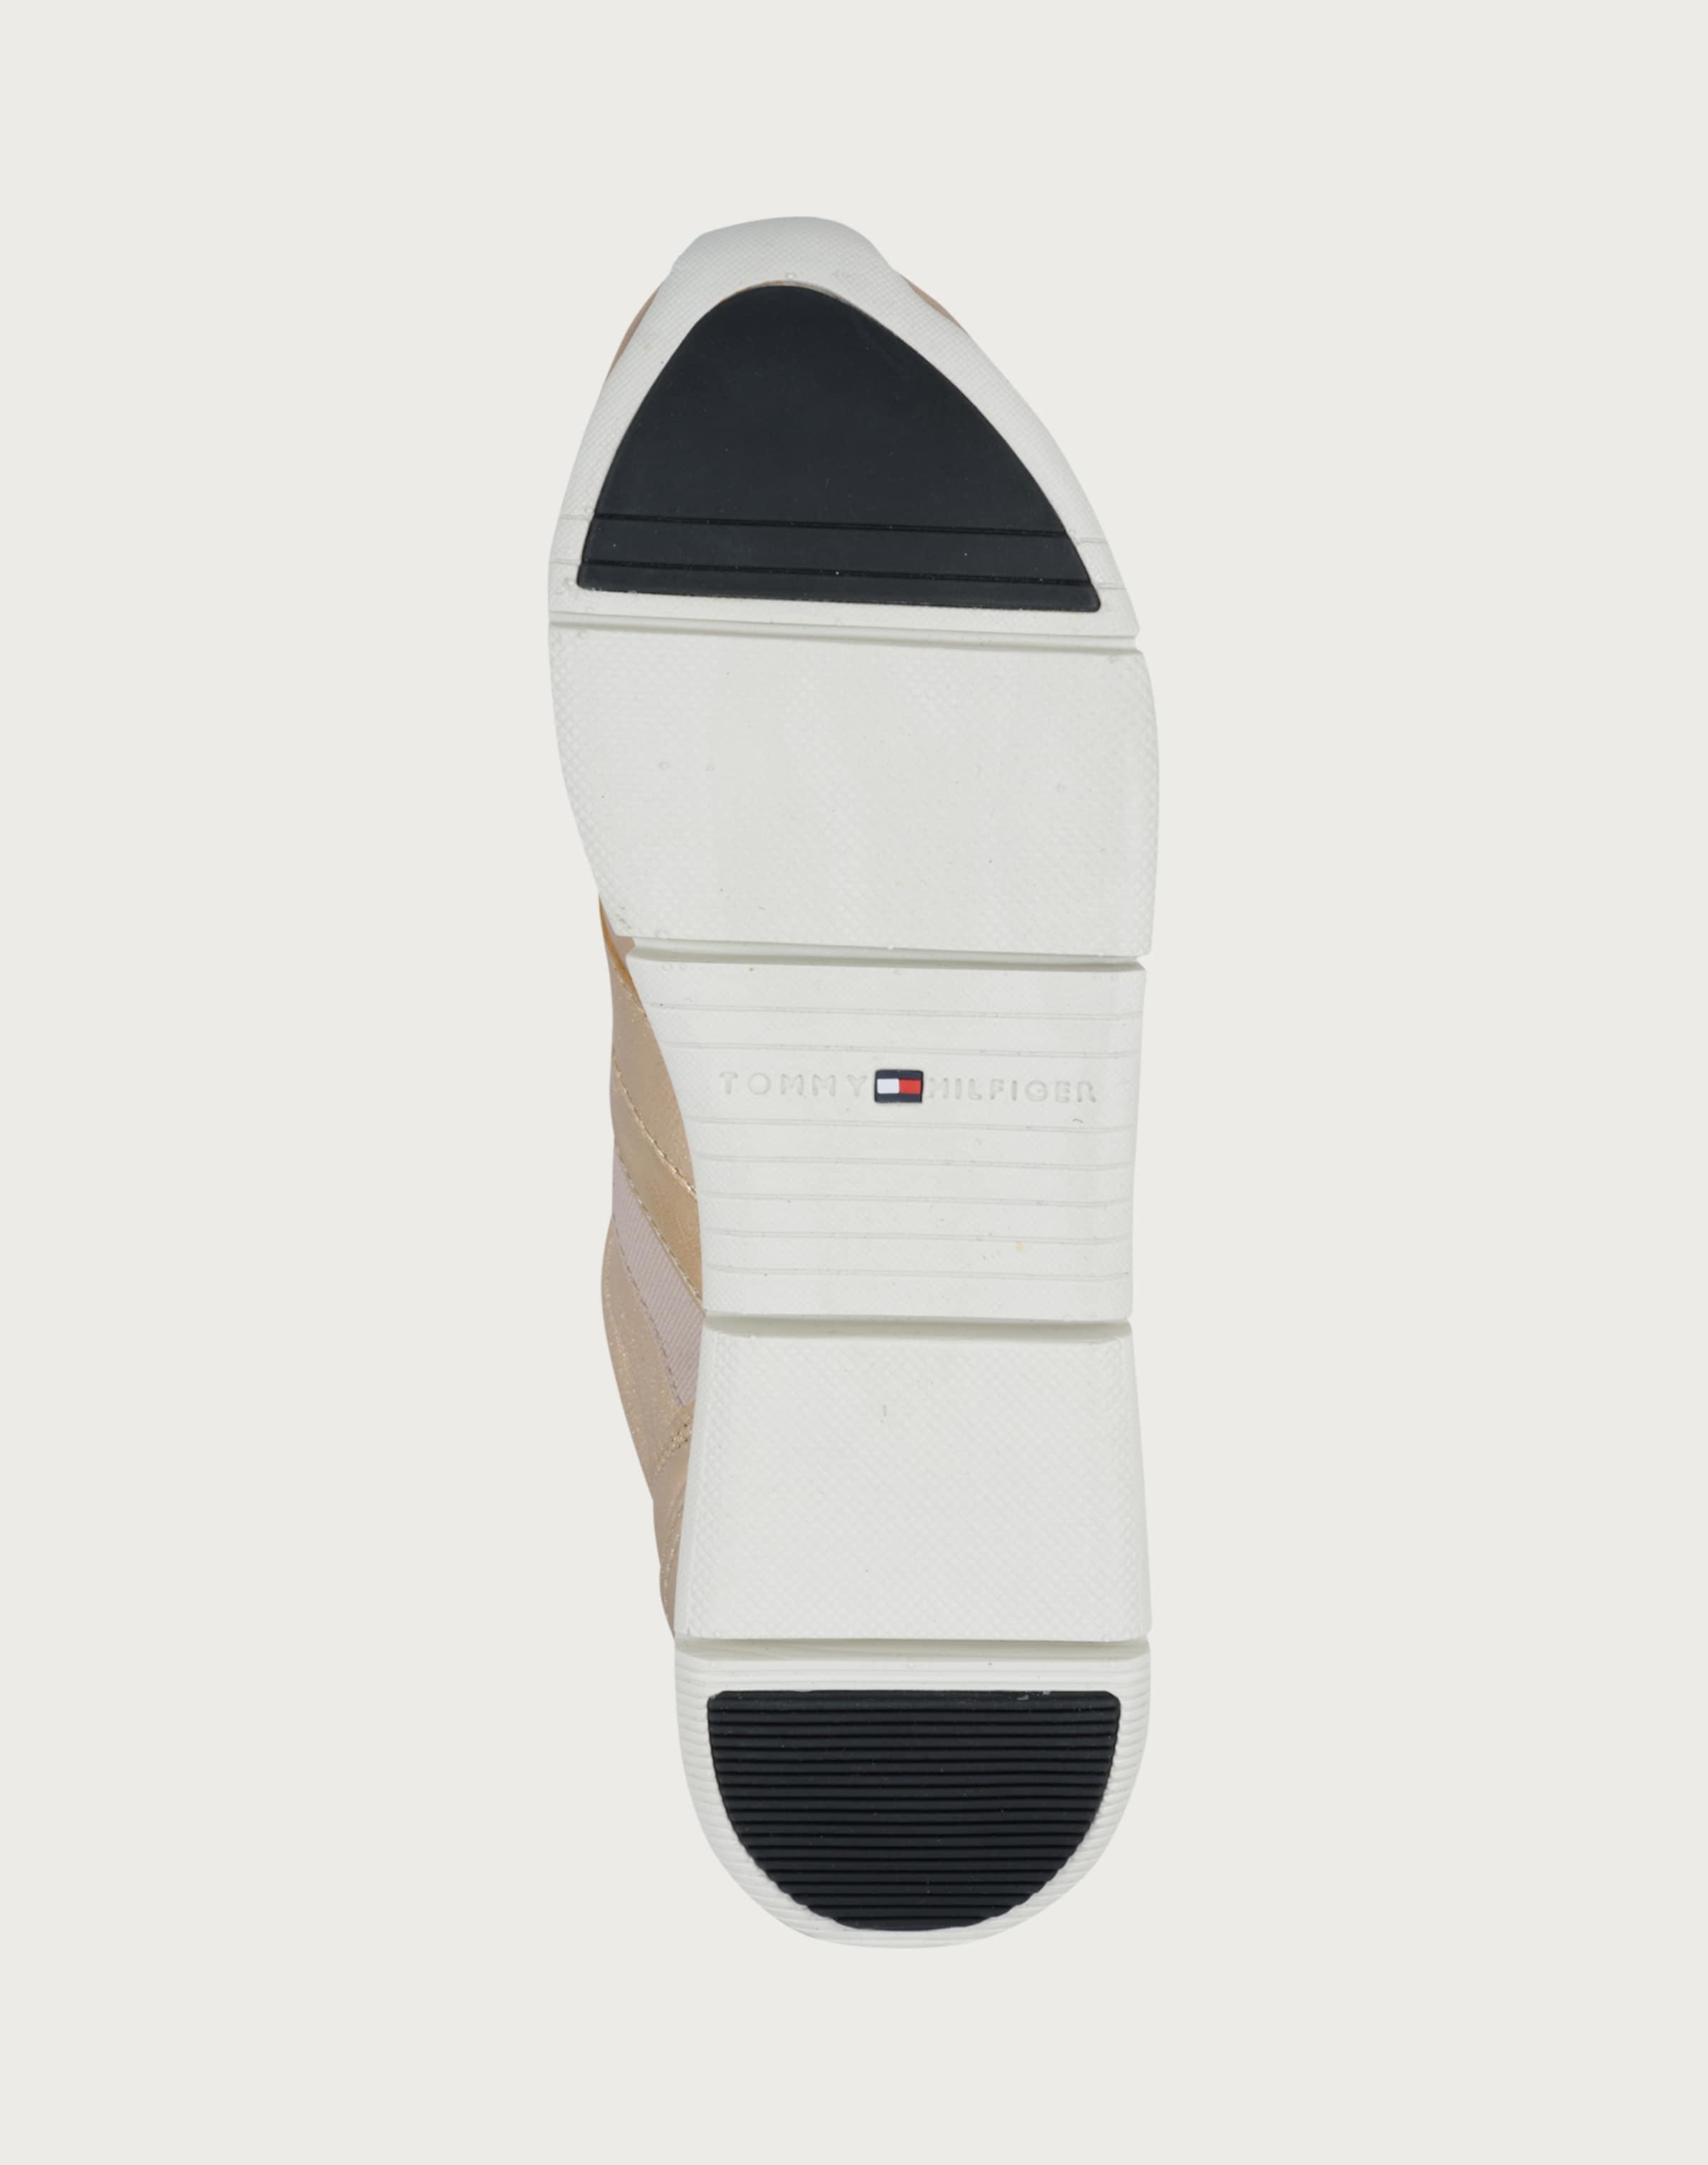 TOMMY Leder aus Sneaker TOMMY Leder HILFIGER aus Sneaker HILFIGER qwq4CFv